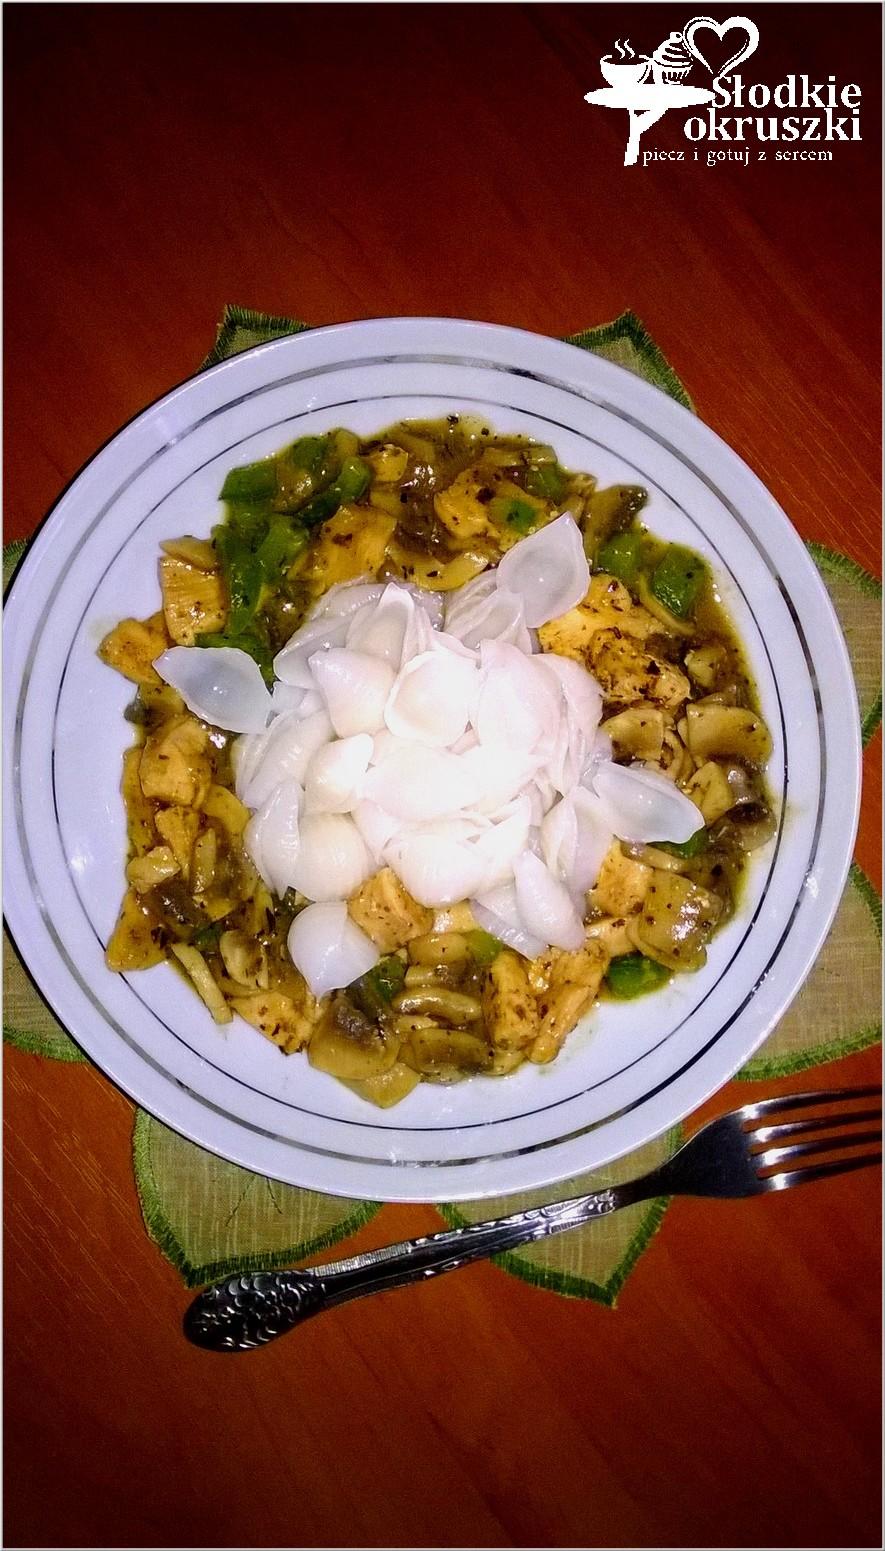 Ryżowe muszelki makaronowe w mięsno-grzybowym sosie. . (2)